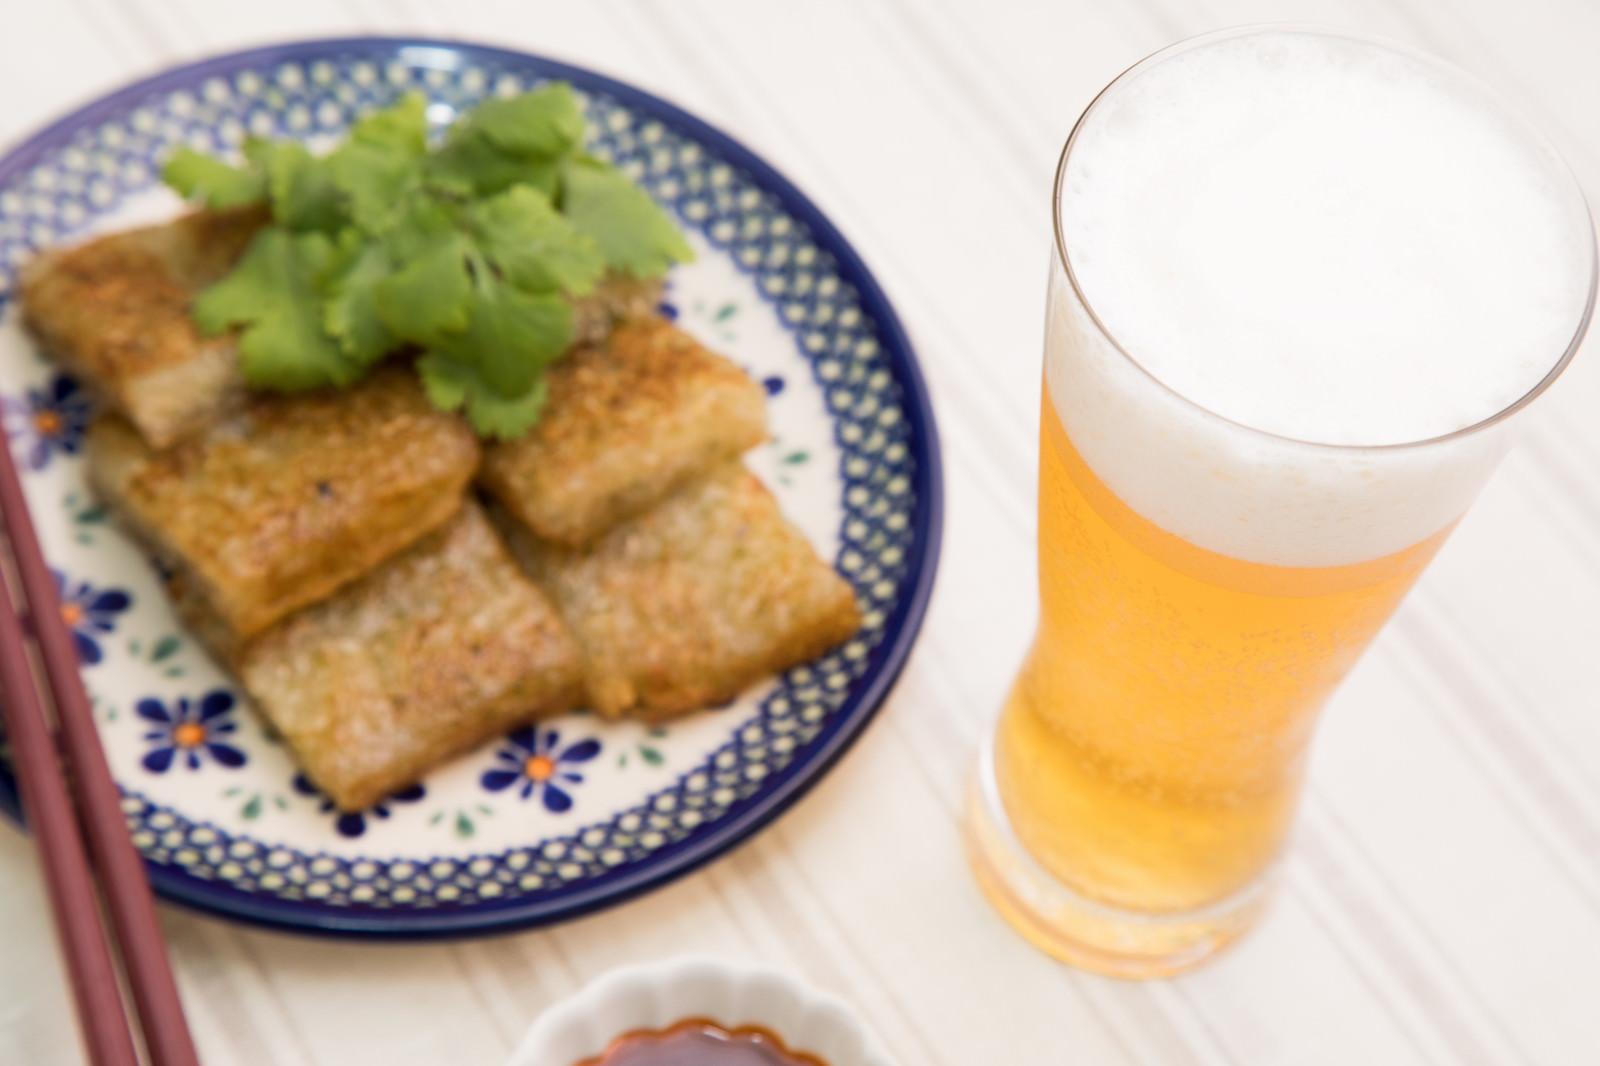 「ビールとよく合う大根もちビールとよく合う大根もち」のフリー写真素材を拡大